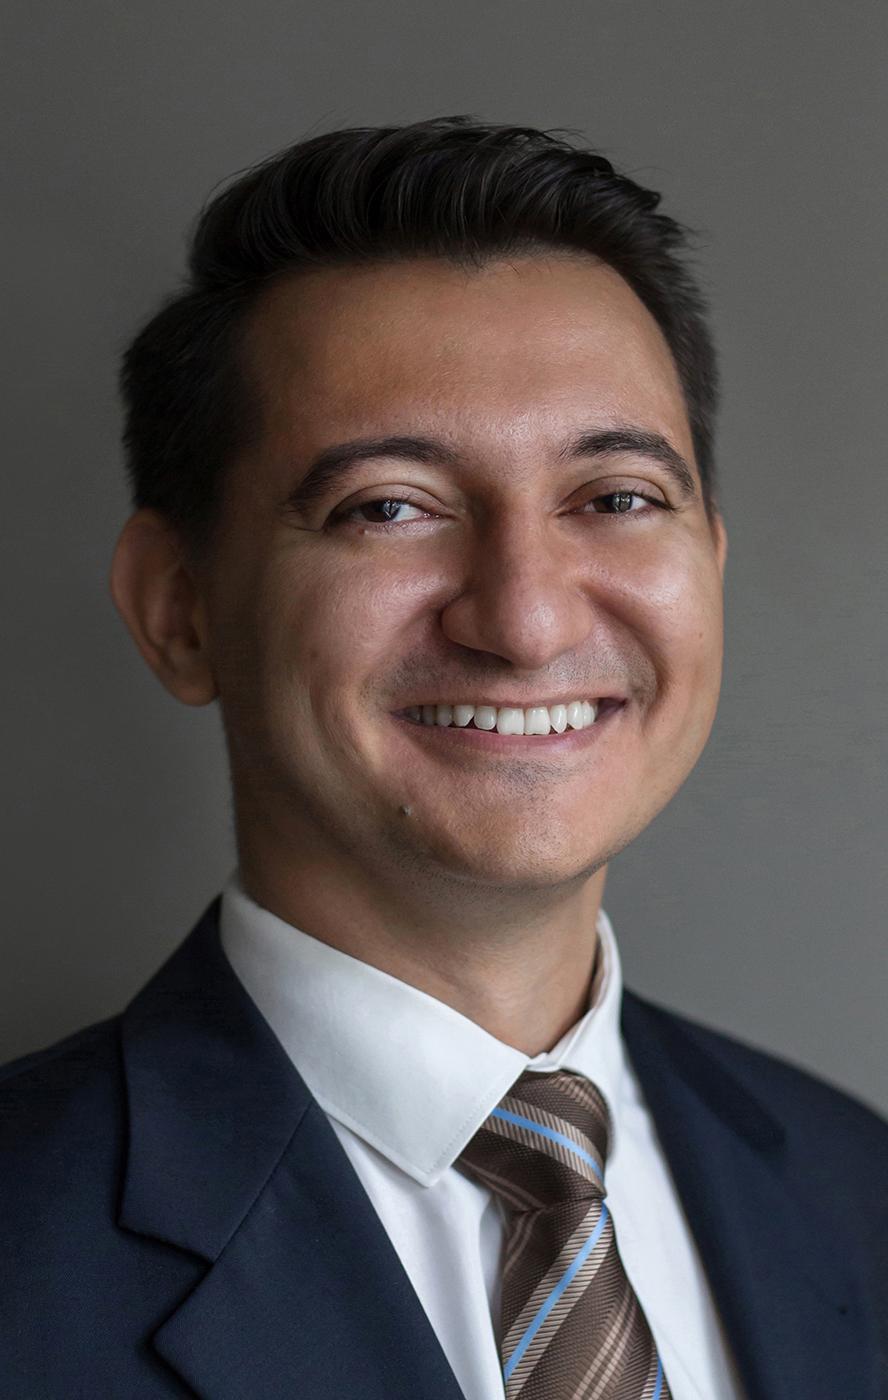 Ajtai Richárd Ingatlanközvetítő, Szeged - üzleti portré / Fotó: Bóna Barna